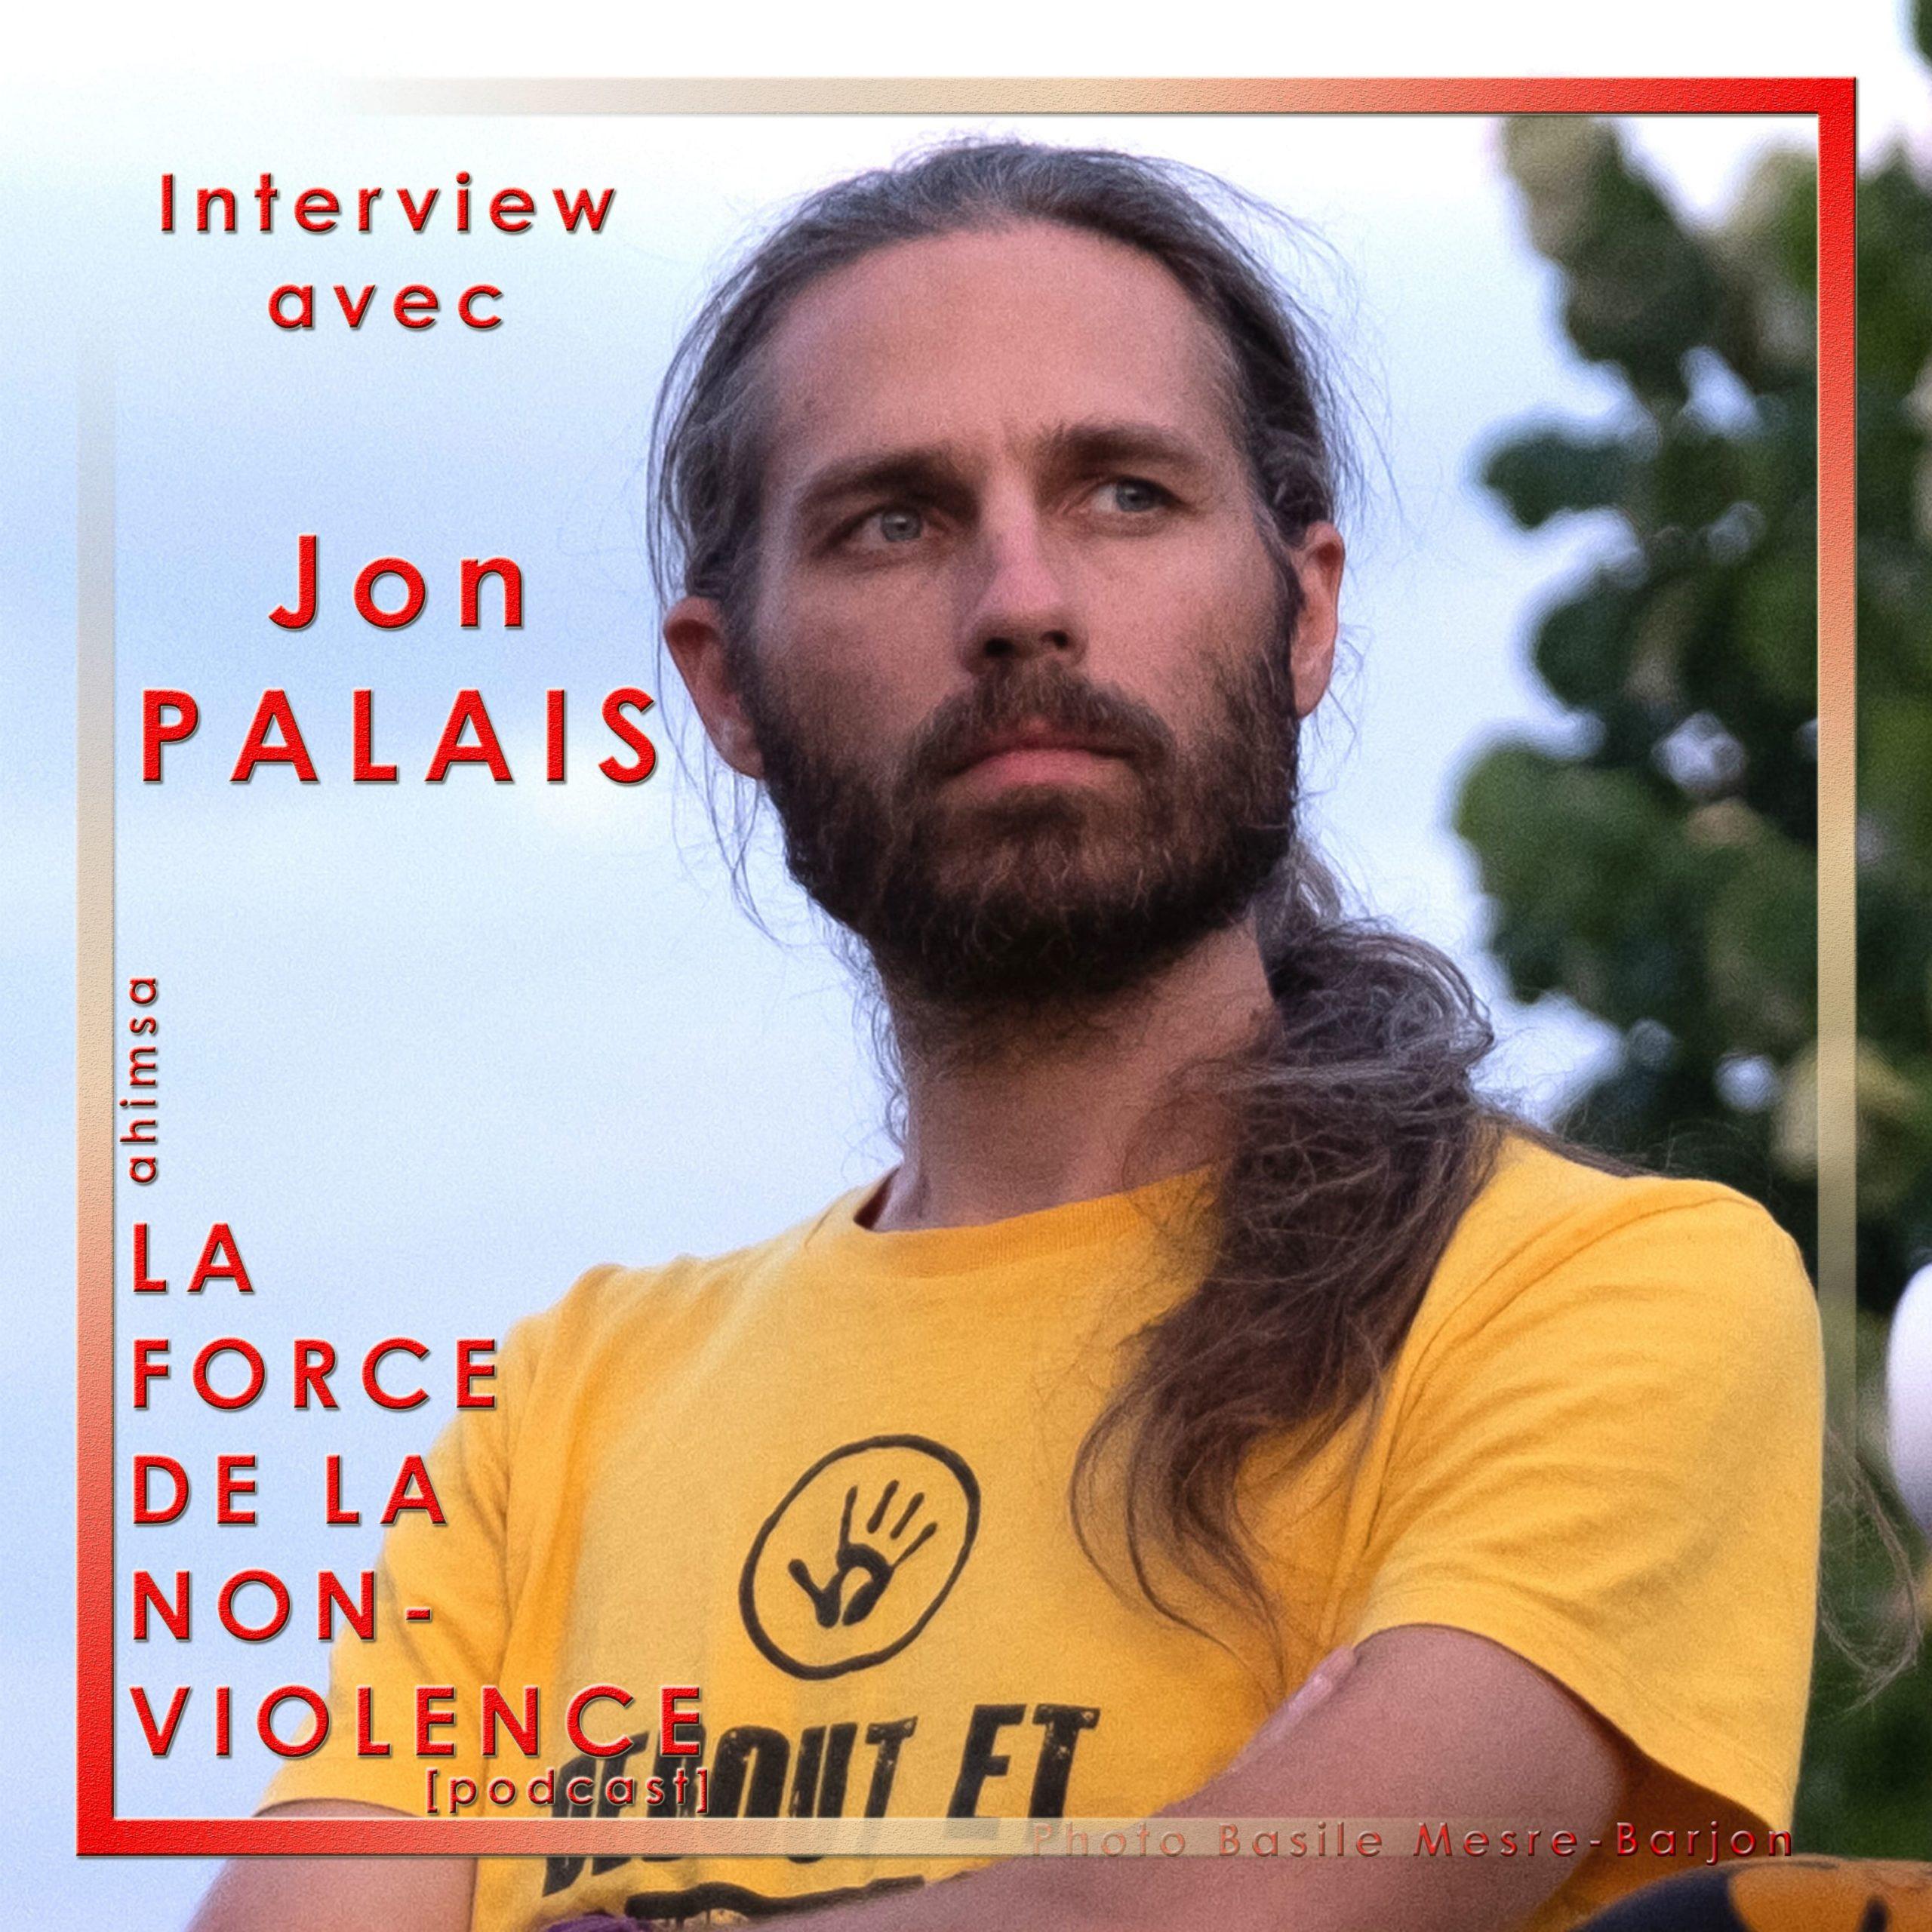 Jon Palais Podcast La Force de la Non-violence